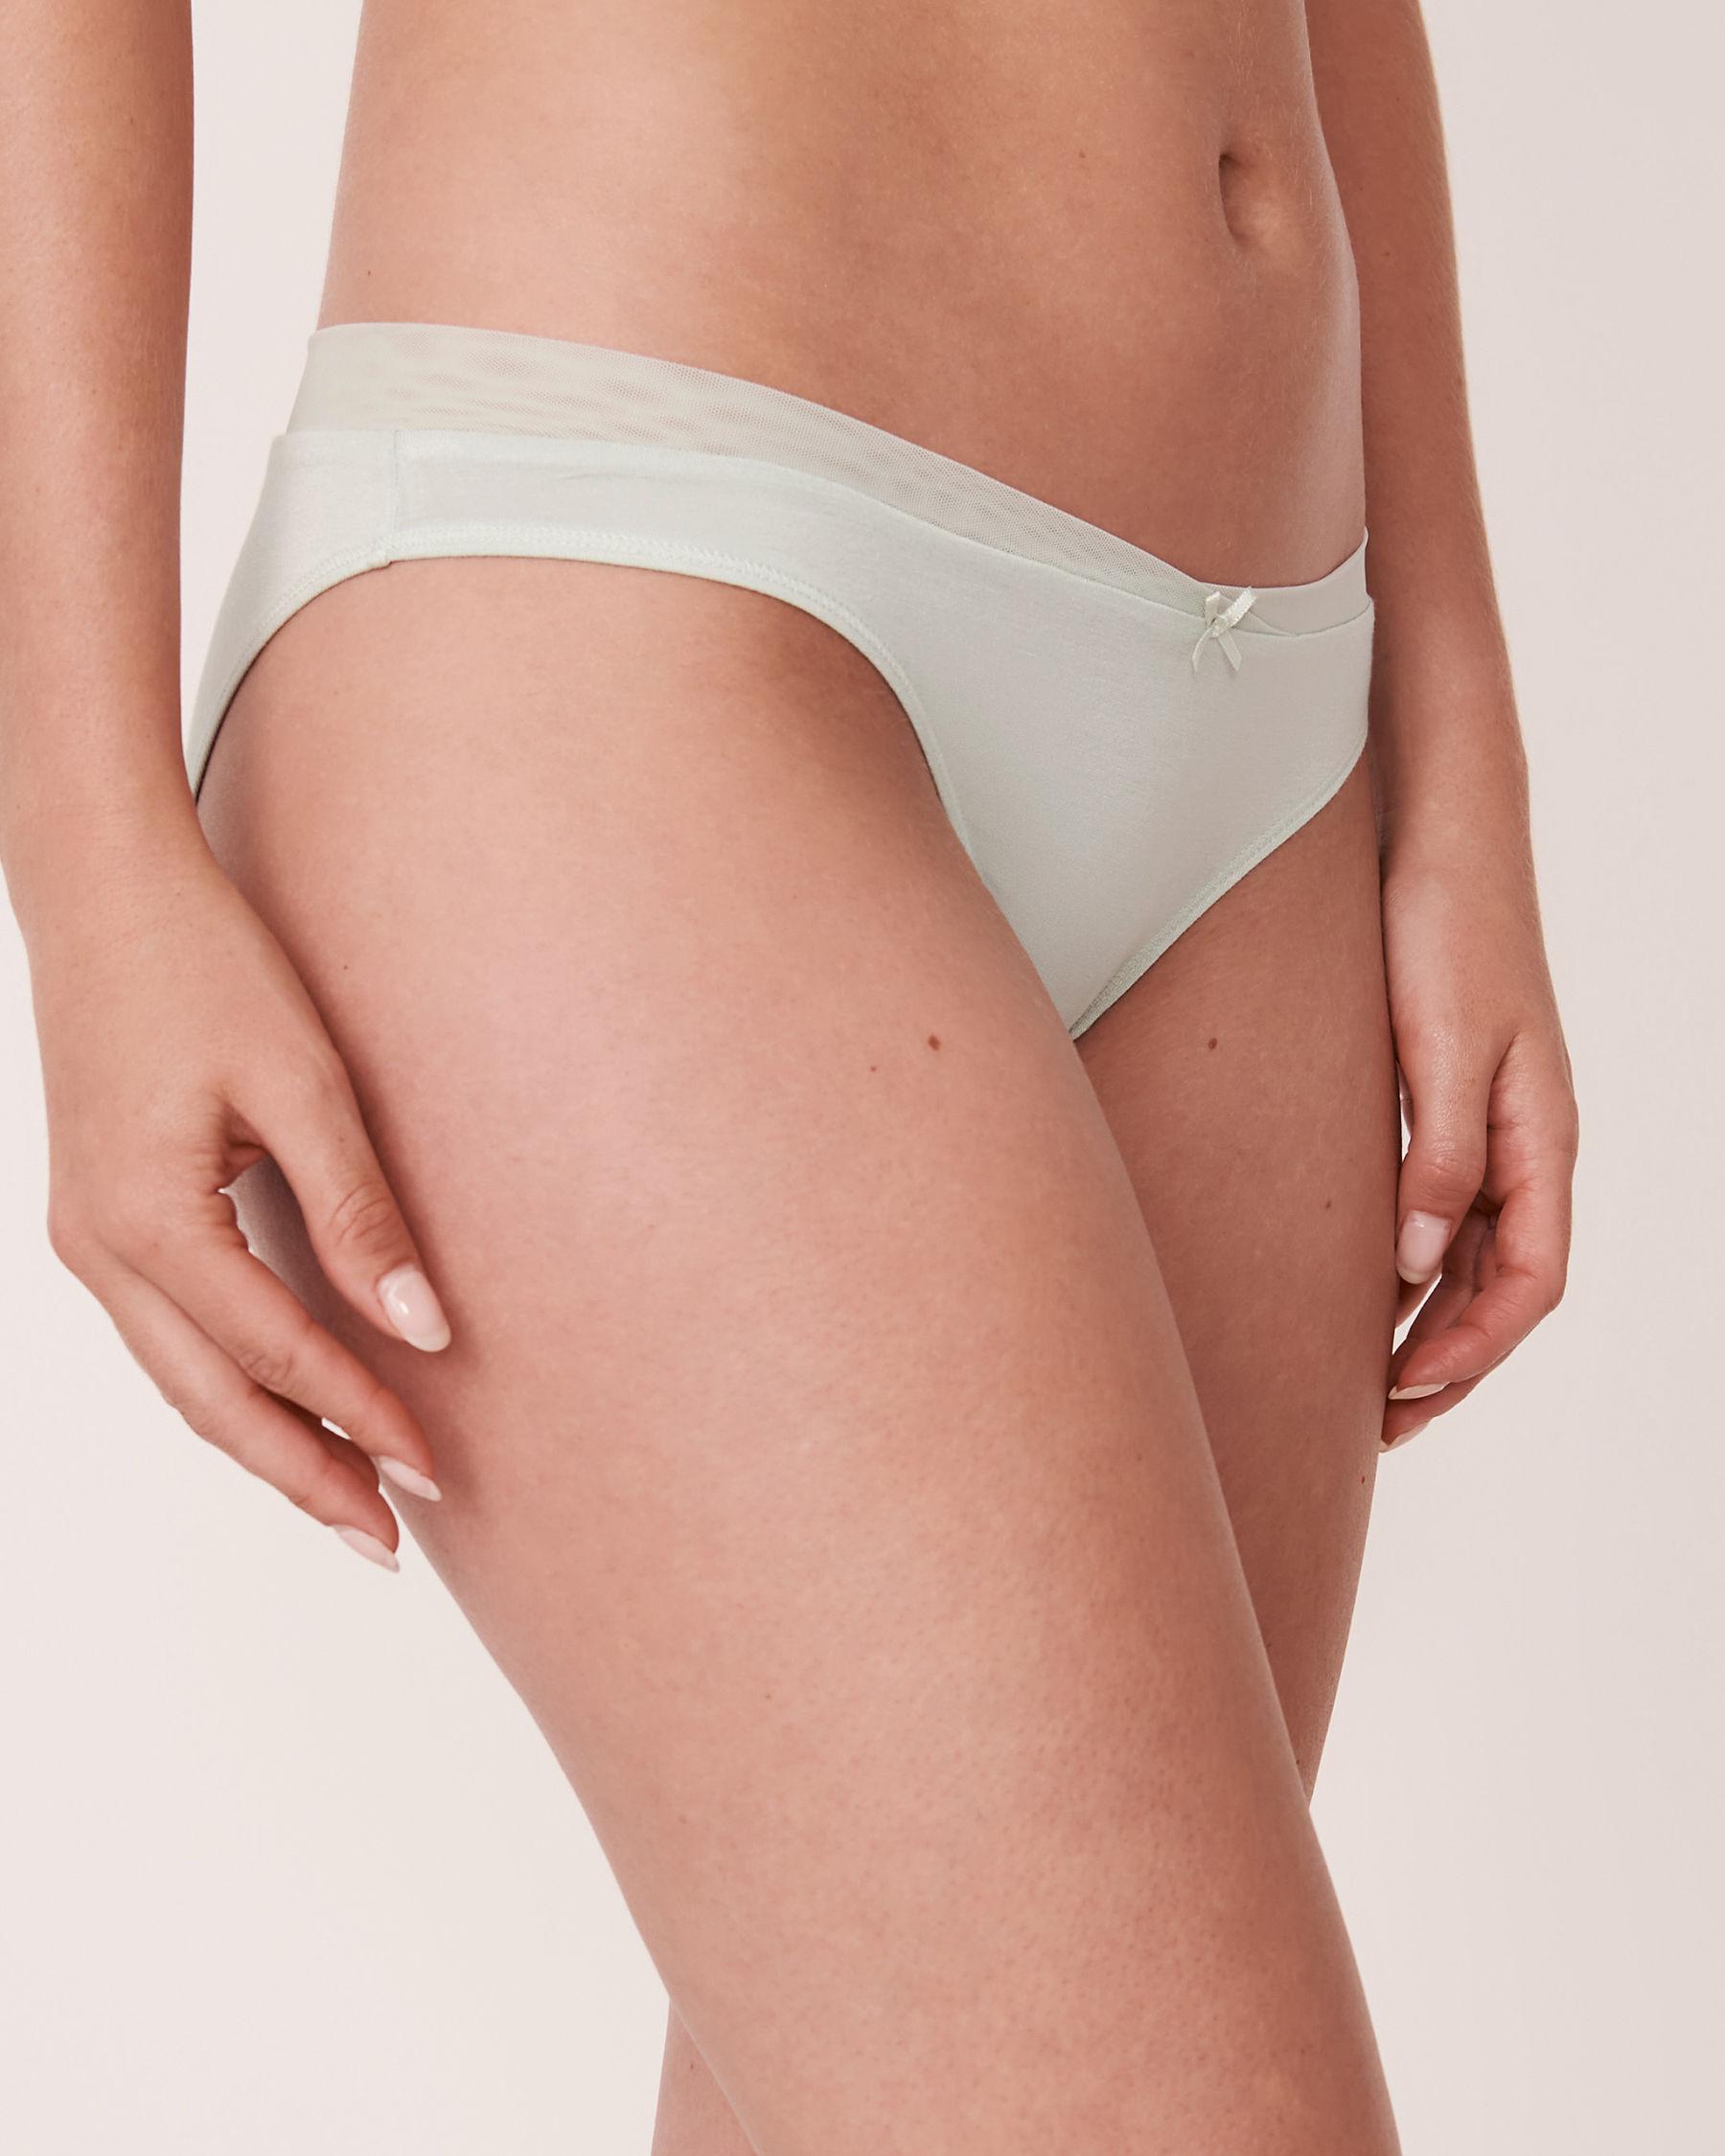 LA VIE EN ROSE Bikini Panty Sky 20100050 - View1